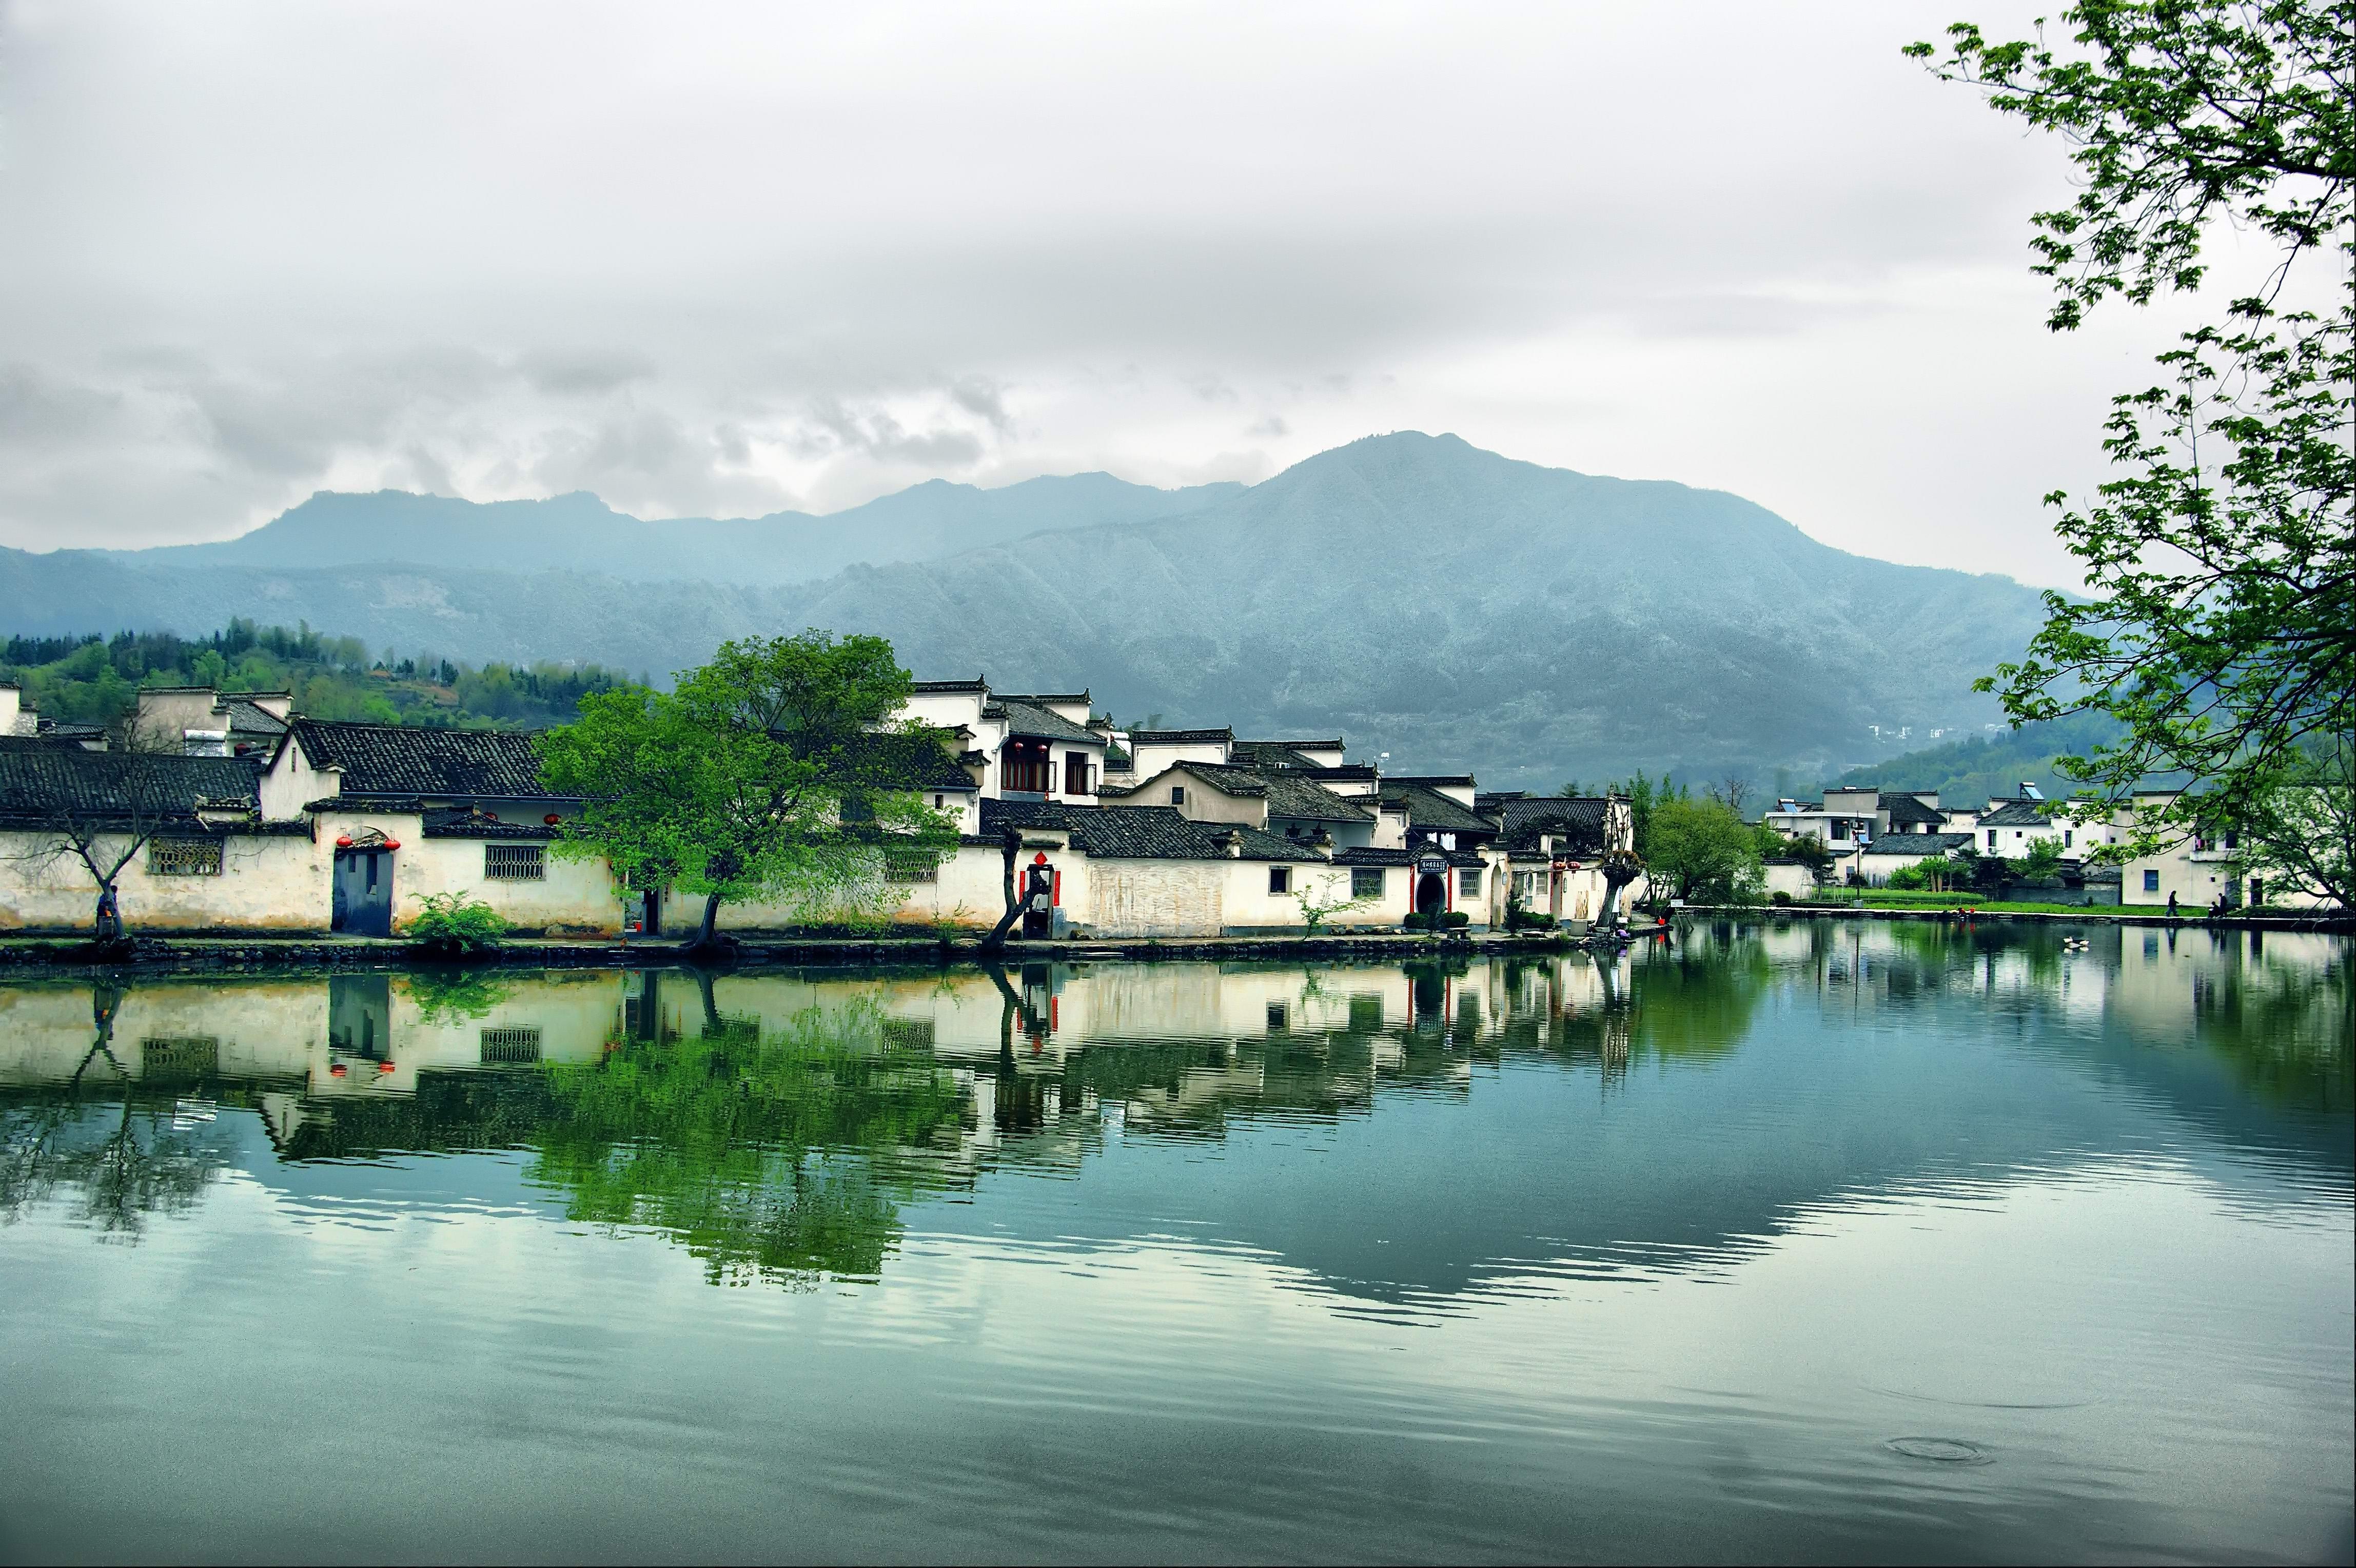 """宏村镇,古称弘村,安徽省黄山市黟县辖镇,位于黟县东北部。地理坐标:东经117°38′,北纬30°11′,占地面积187平方千米。2000年11月30日,宏村被联合国教科文组织列入了世界文化遗产名录。是国家首批12个历史文化名村之一,国家级重点文物保护单位、安徽省爱国主义教育基地、国家5A级景区。宏村有""""画里乡村""""之称,截至2014年,全镇完好保存明清民居140余幢,主要景点有:南湖春晓,书院诵读,月沼风荷,牛肠水圳,双溪映碧,亭前古树,雷岗夕"""